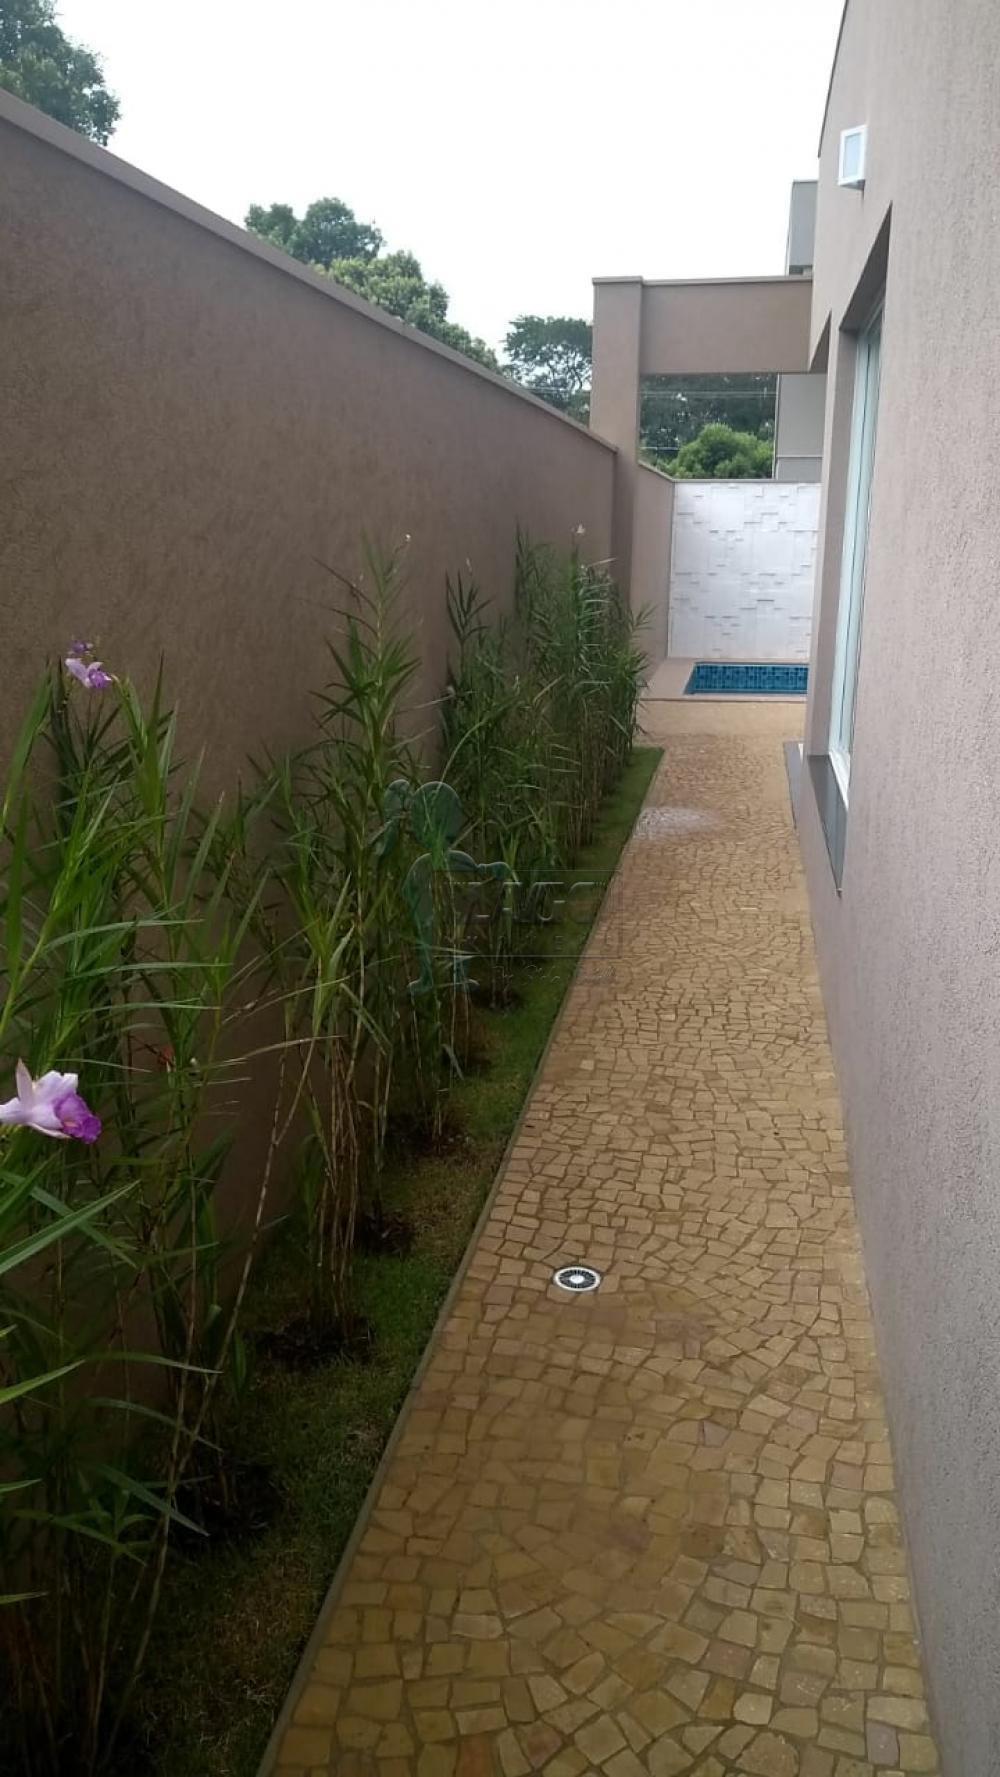 Comprar Casas / Condomínio em Ribeirão Preto apenas R$ 1.149.000,00 - Foto 3